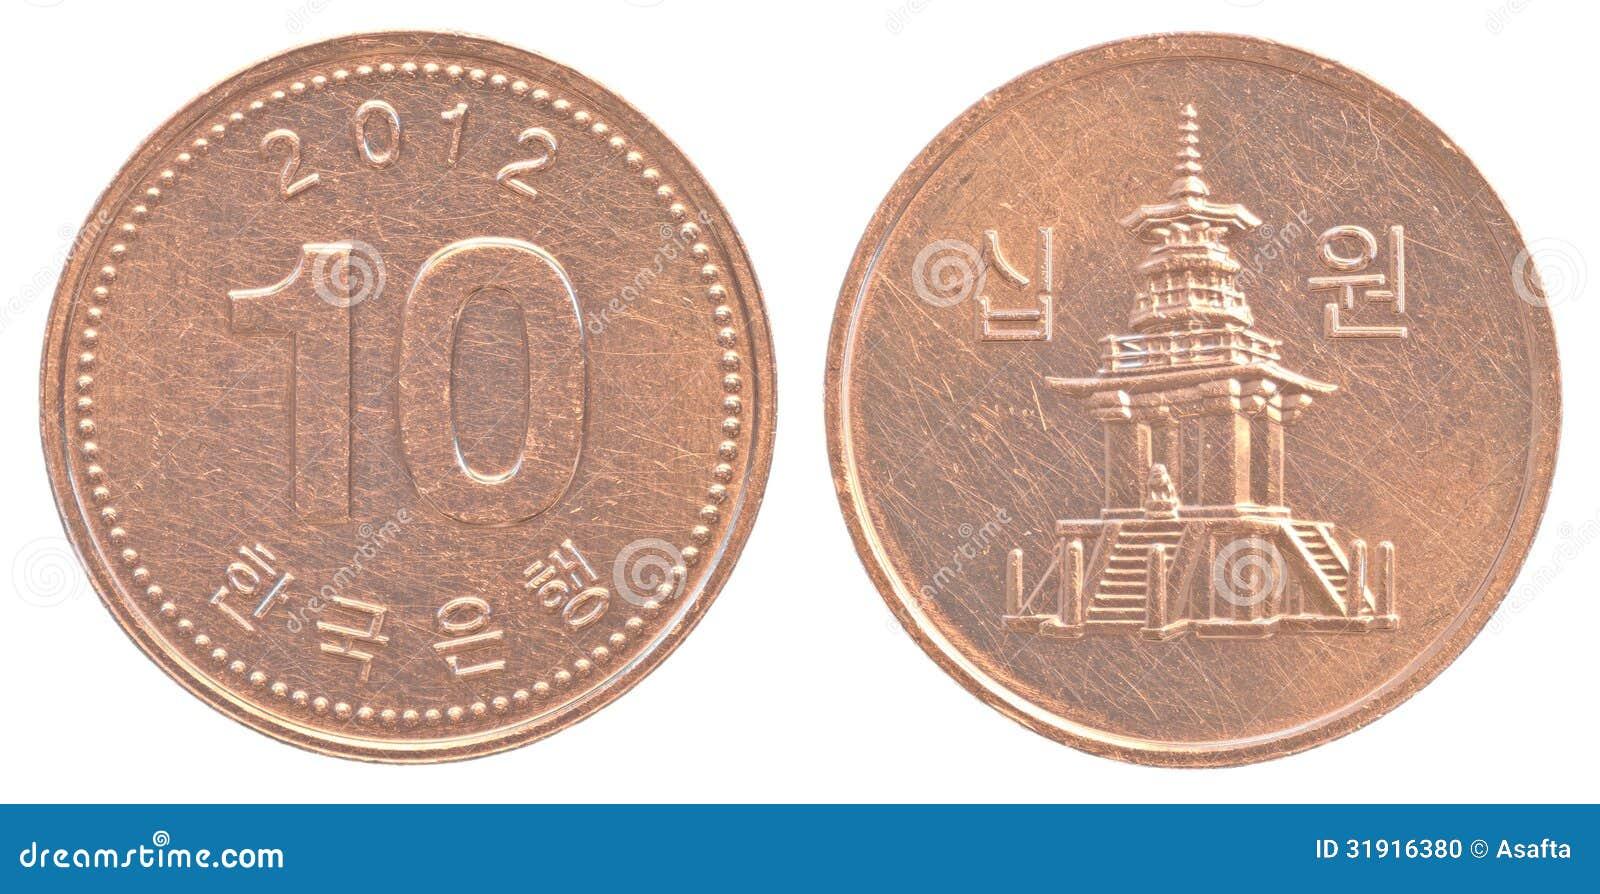 south korean won symbol